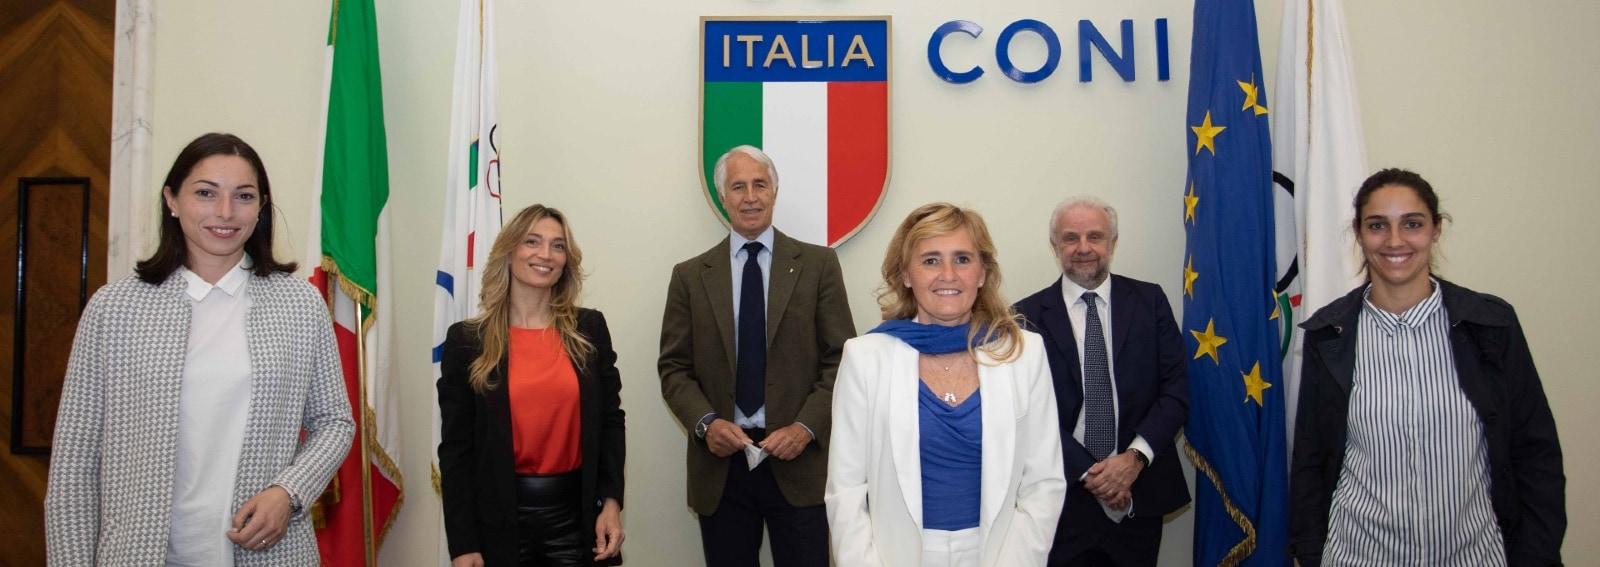 chicco_Navarria_Granbassi_Malago_Bianchedi_De Conto_Quintavalle